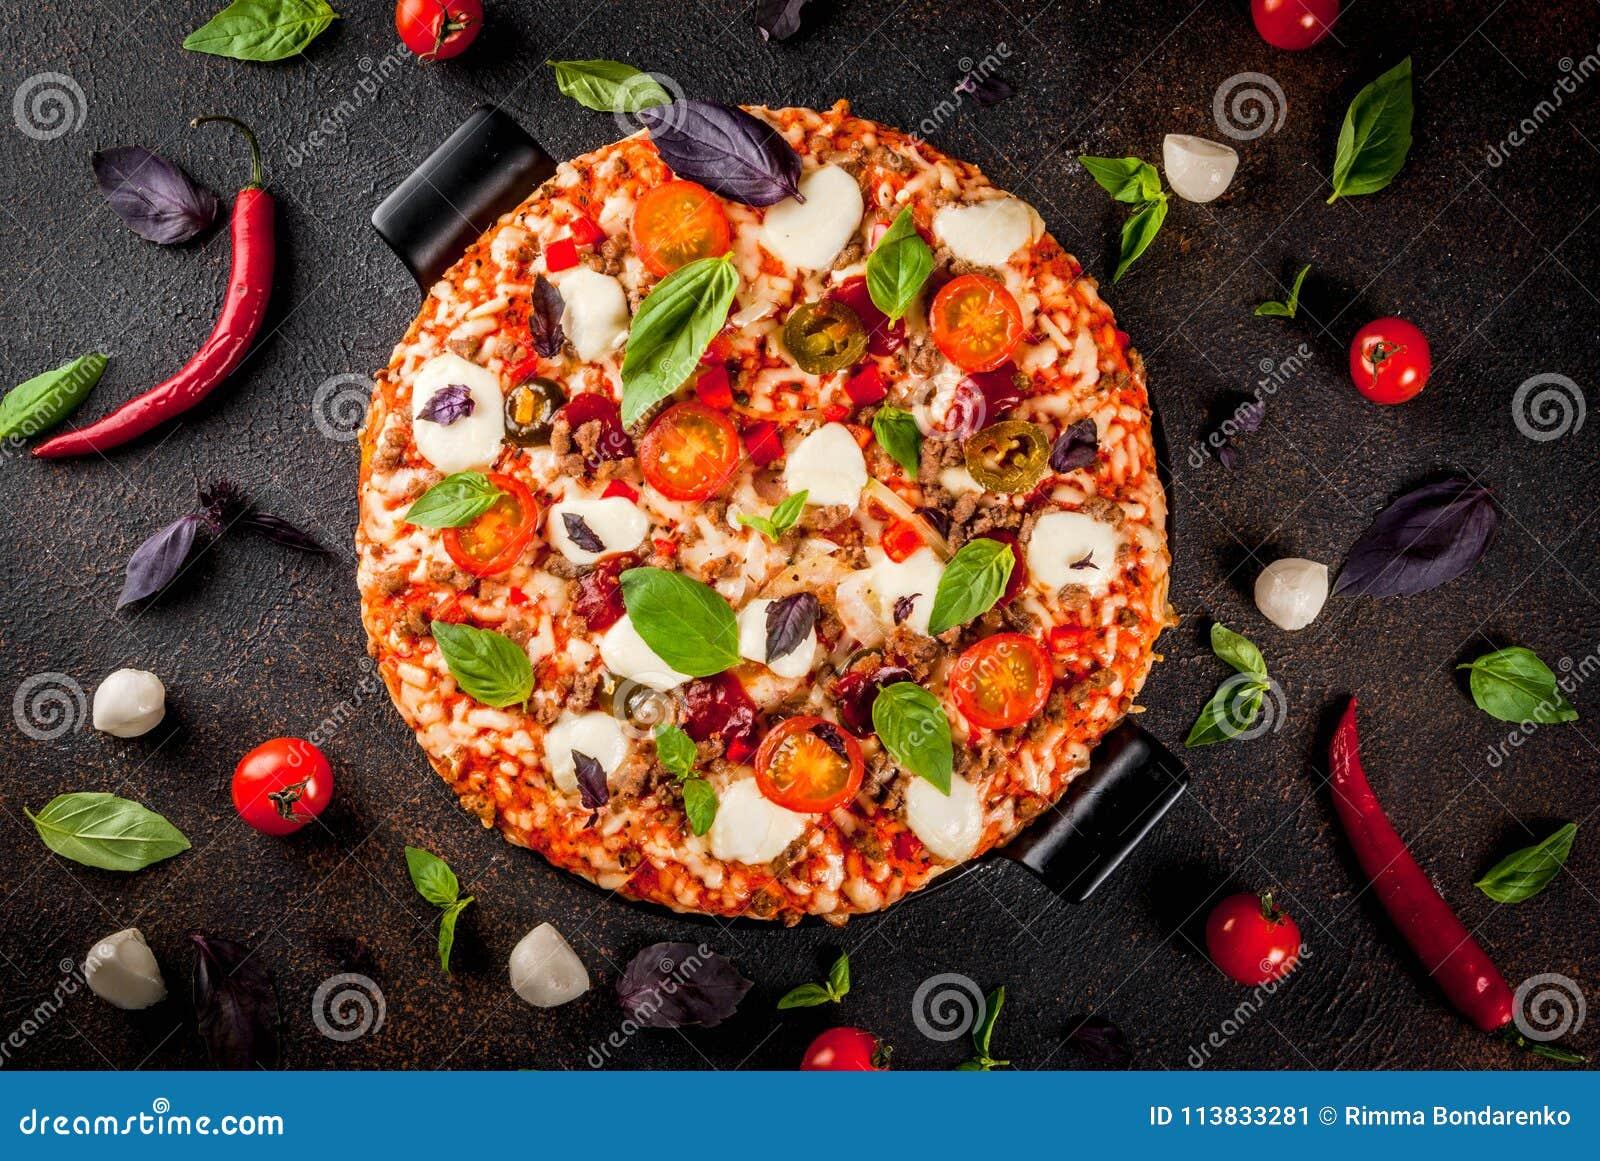 Pizza italiana con los ingredientes